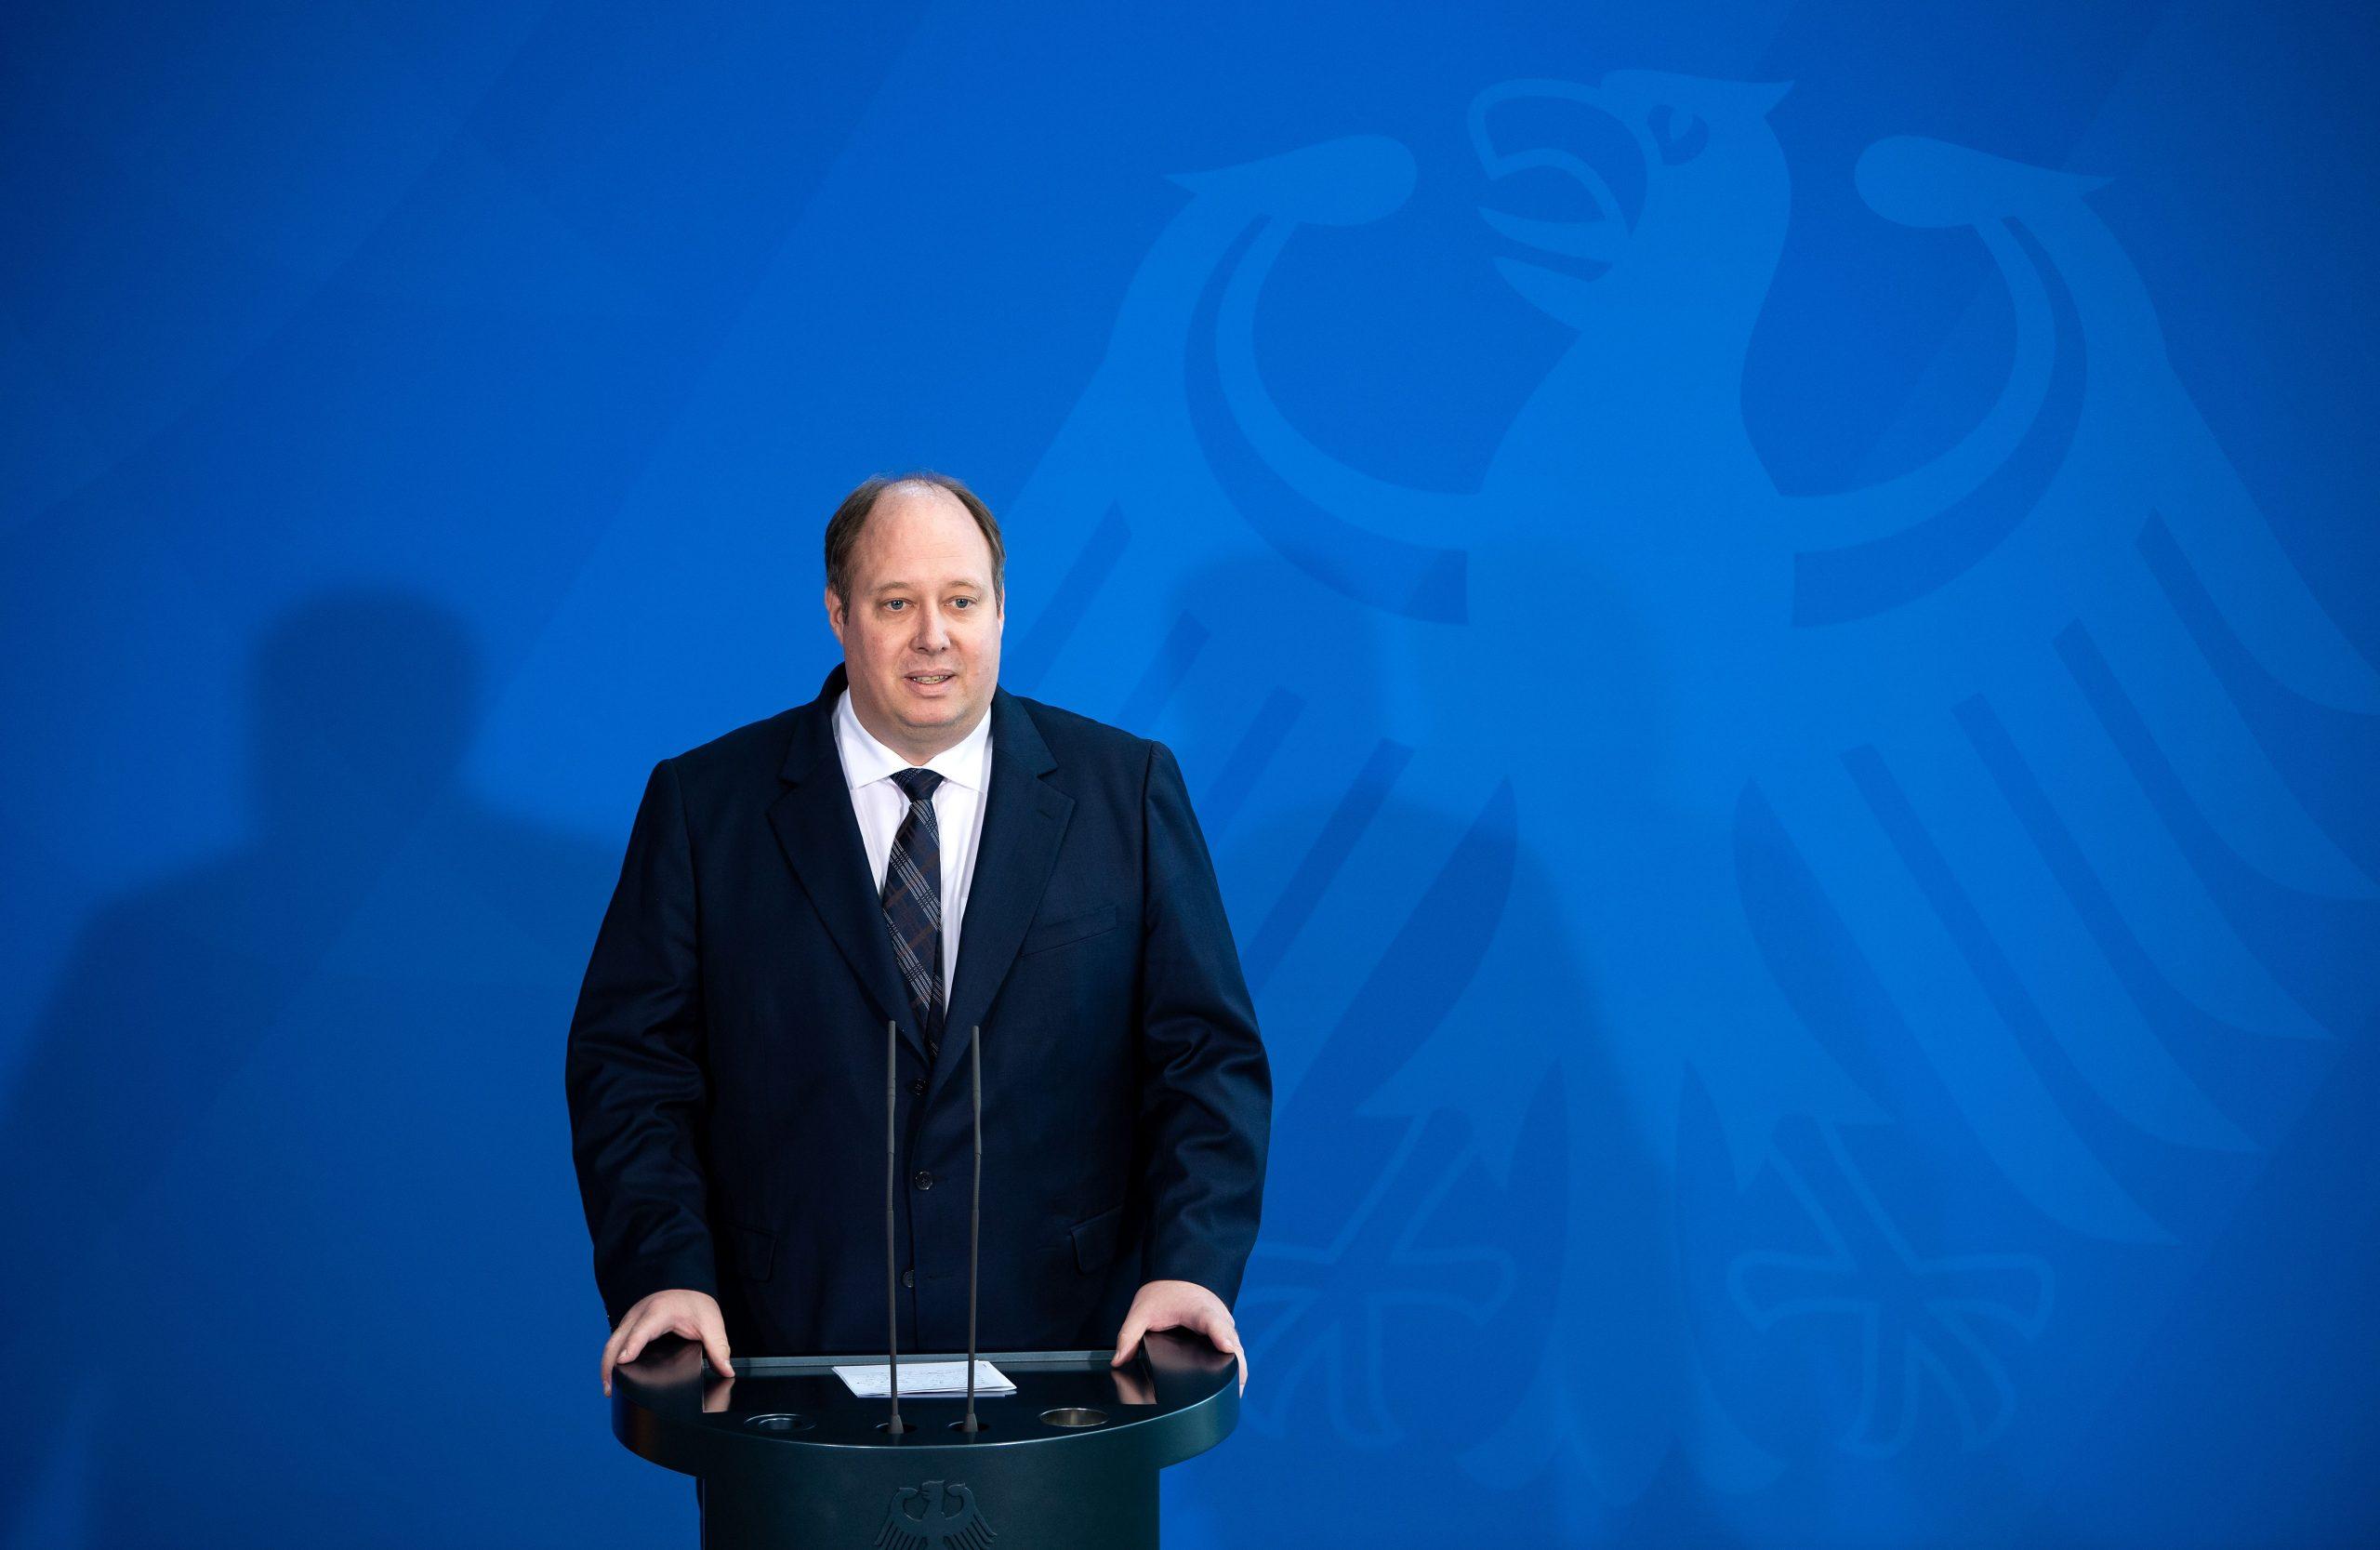 Kanzleramtsminister: Geimpfte werden mehr Freiheiten haben